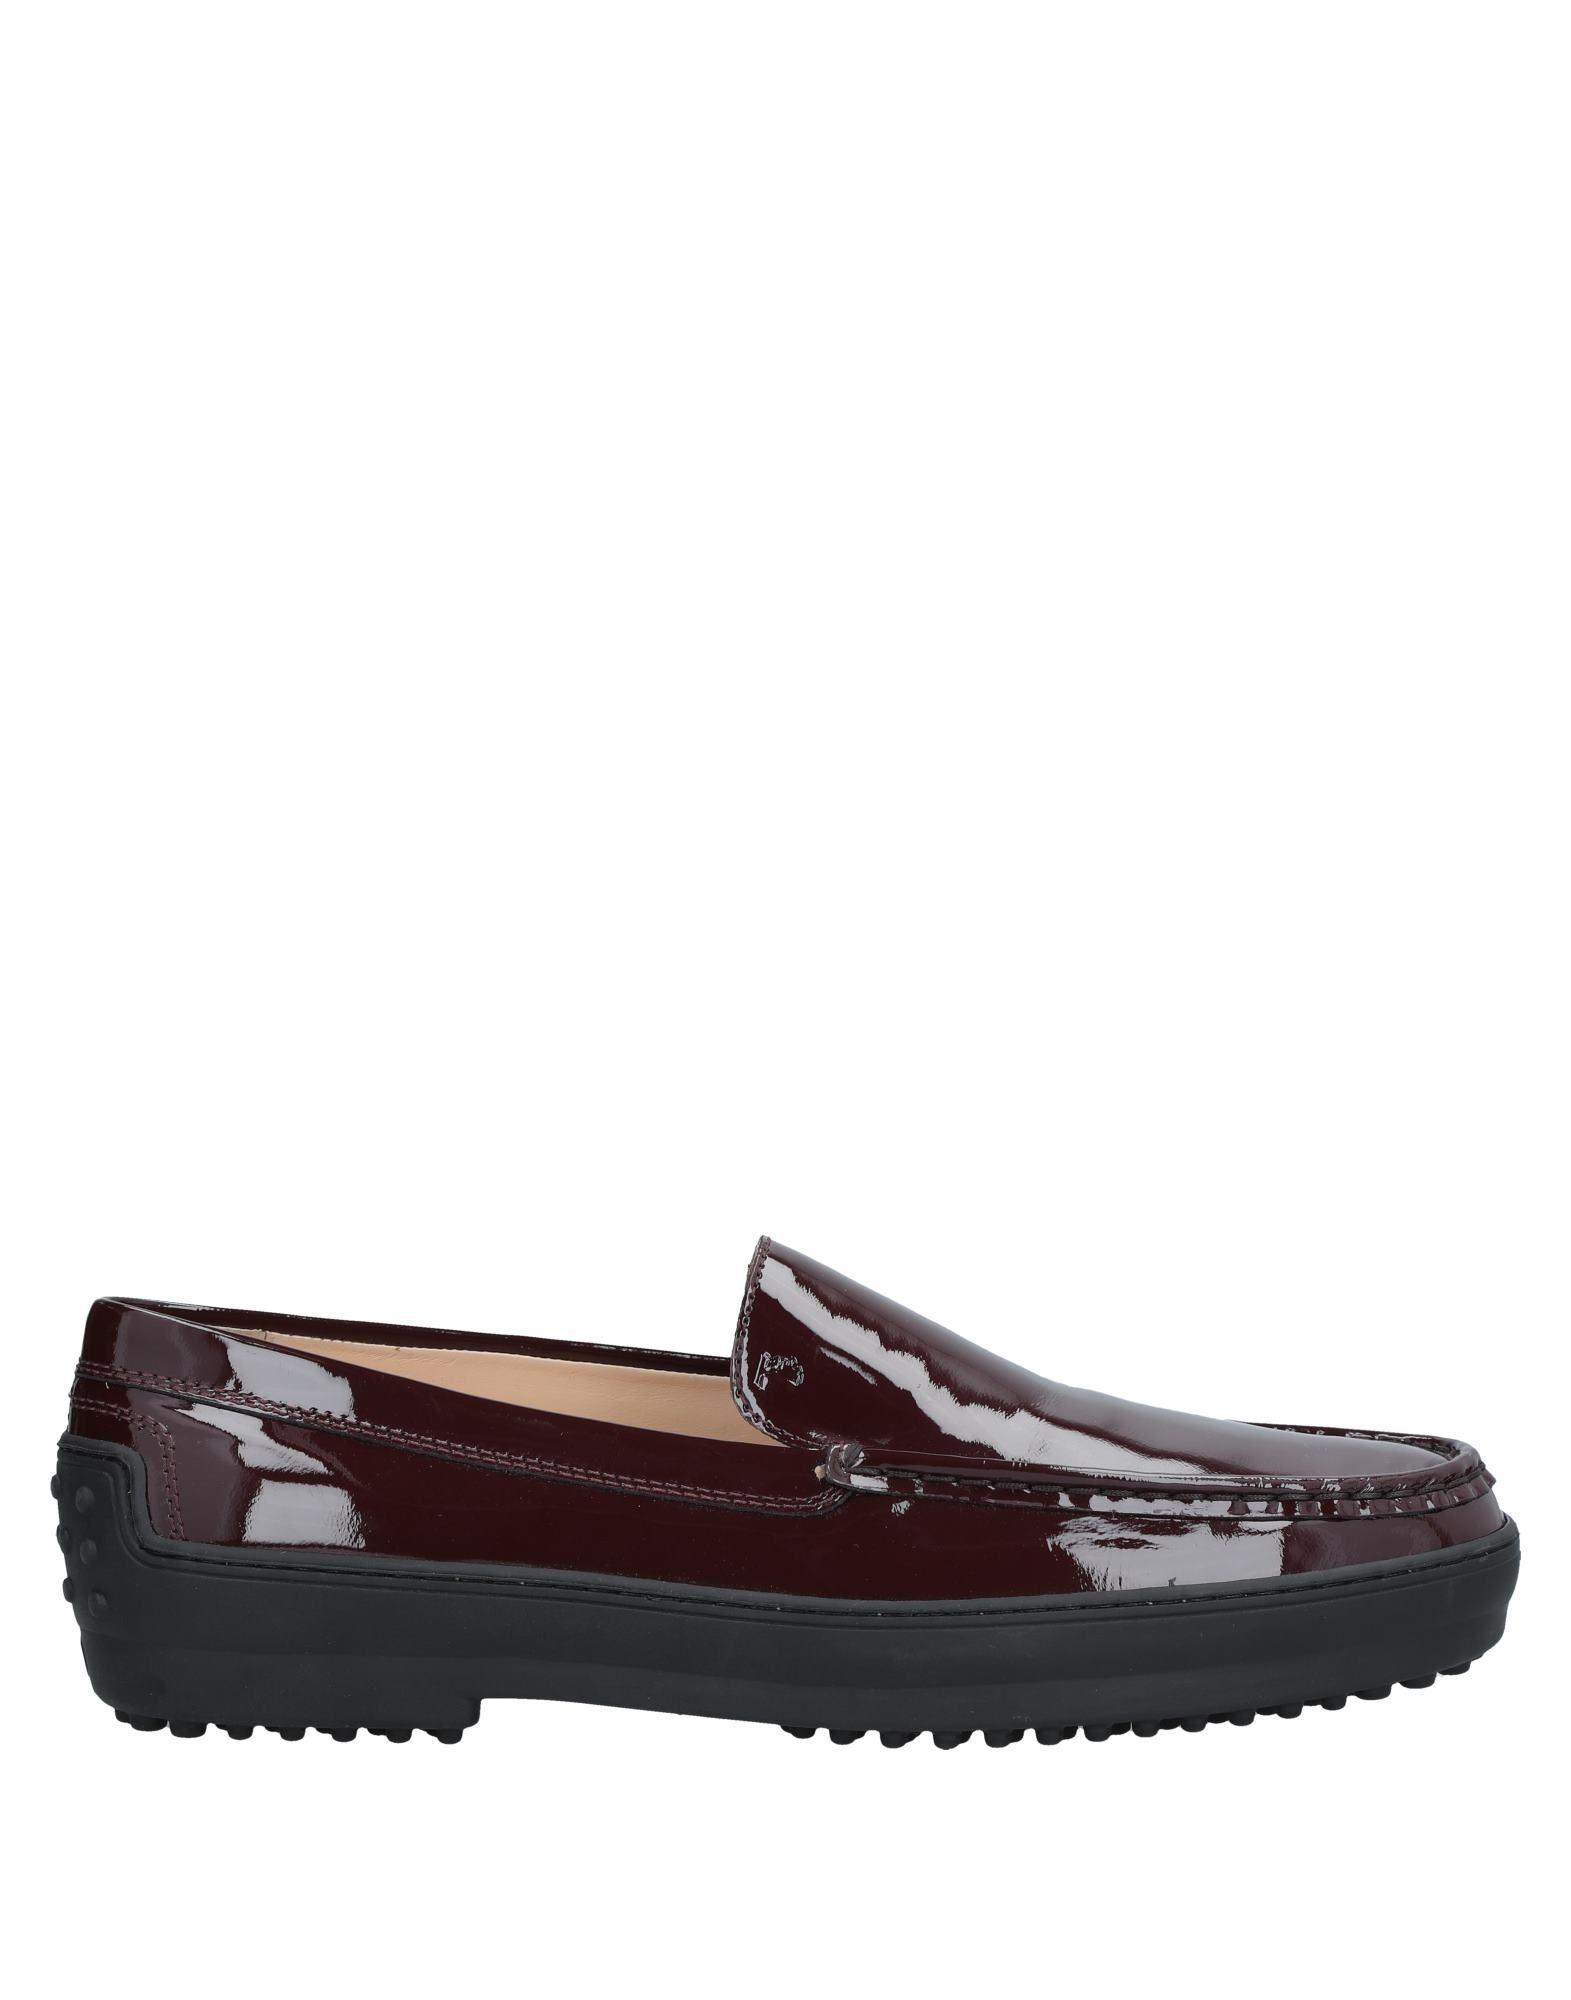 Rabatt Schuhe Schuhe Rabatt Tod's Mokassins Damen  11532389GC 8cc37d